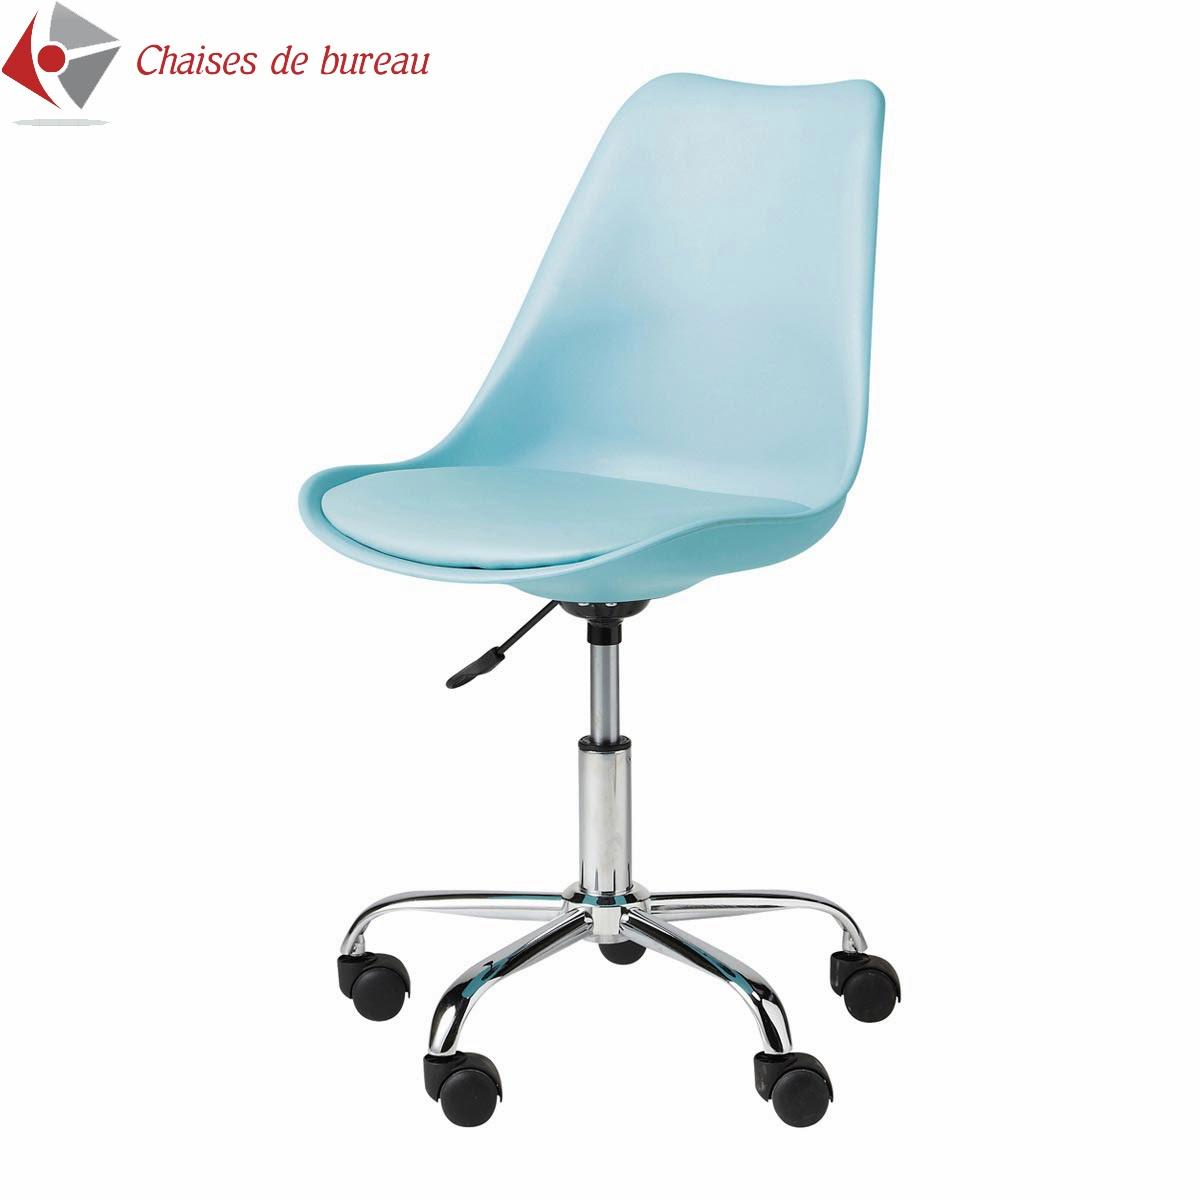 chaises de bureau chaises de bureau. Black Bedroom Furniture Sets. Home Design Ideas